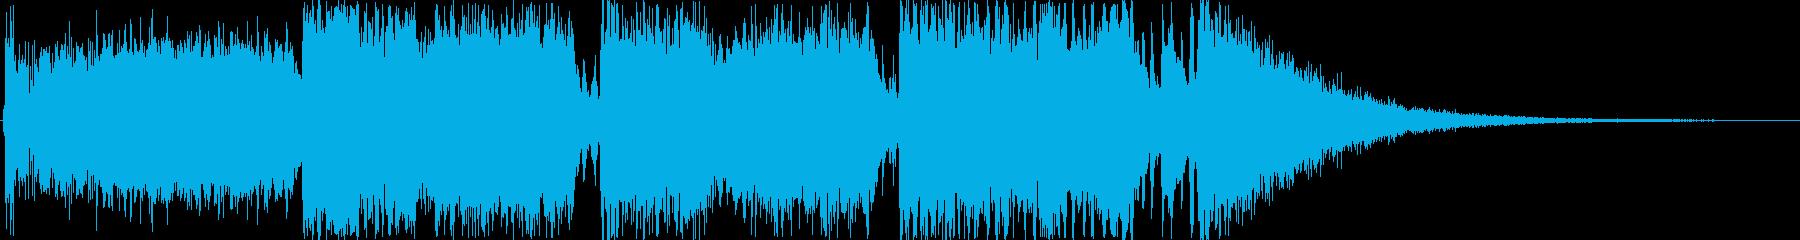 クイズのオープニング曲をイメージした作品の再生済みの波形